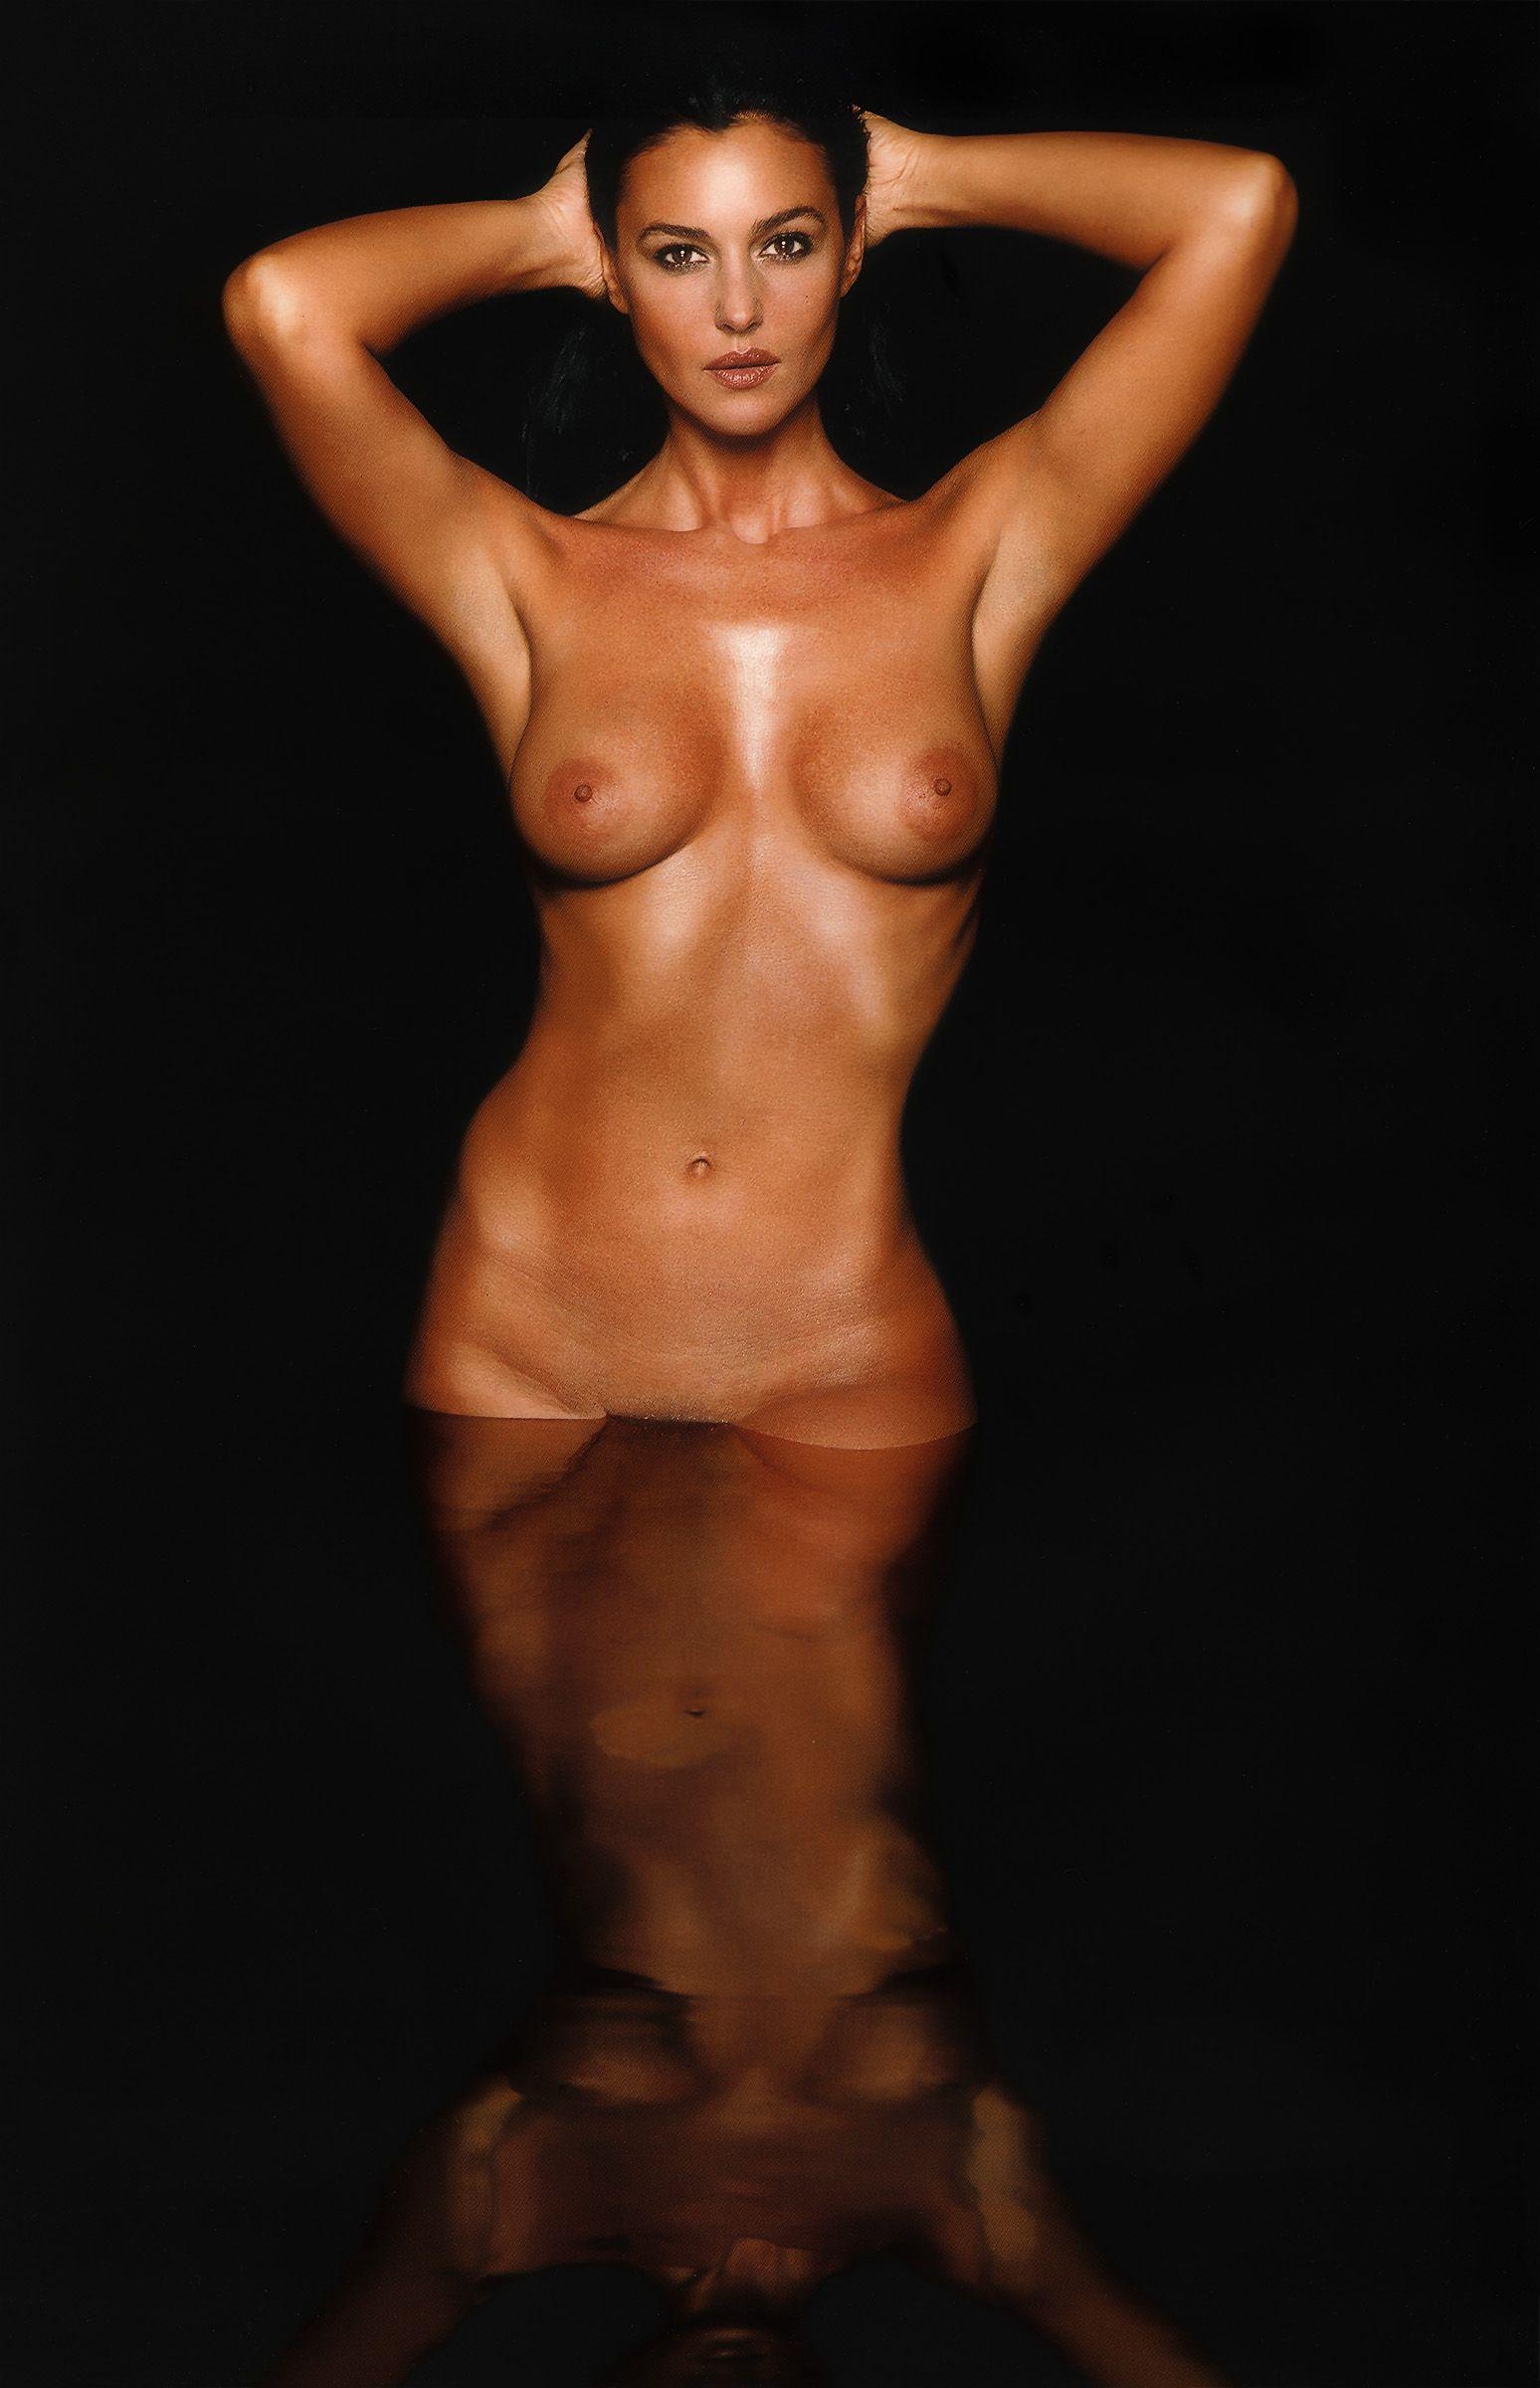 Фото стрипциз голые девушки 22 фотография